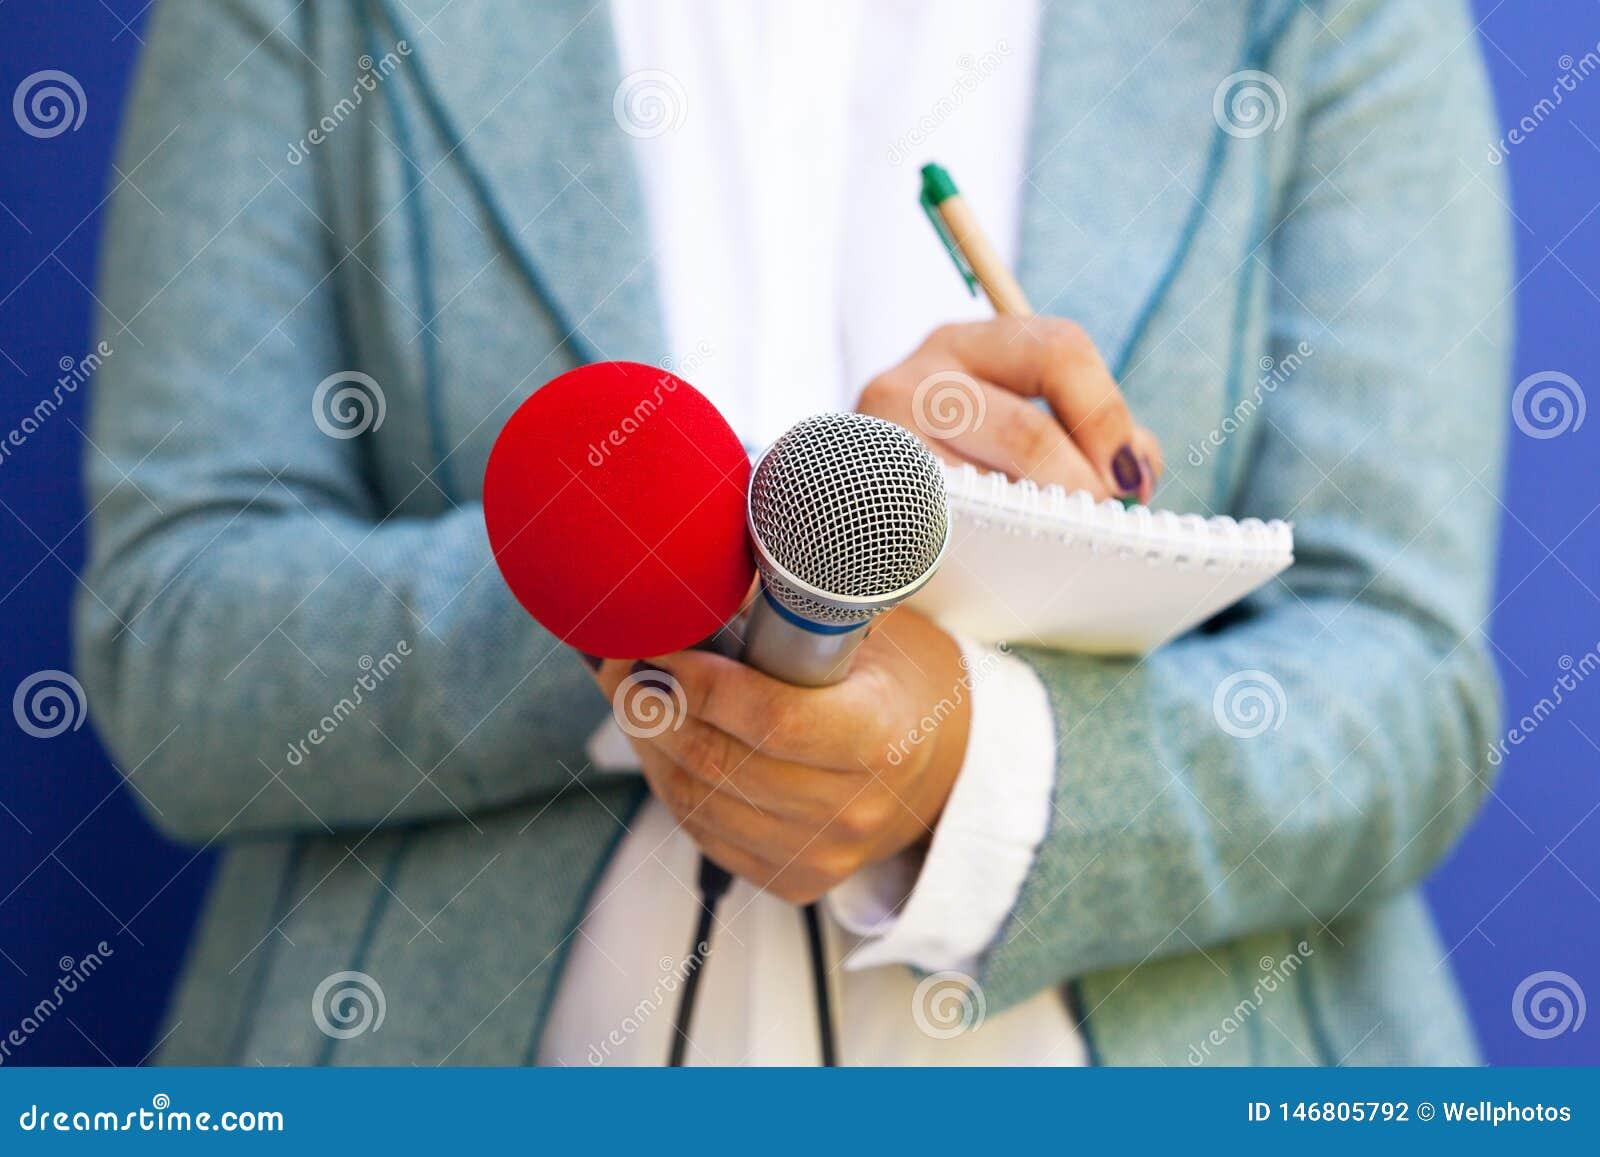 Journalista na conferência de imprensa, tomando as notas, guardando o microfone